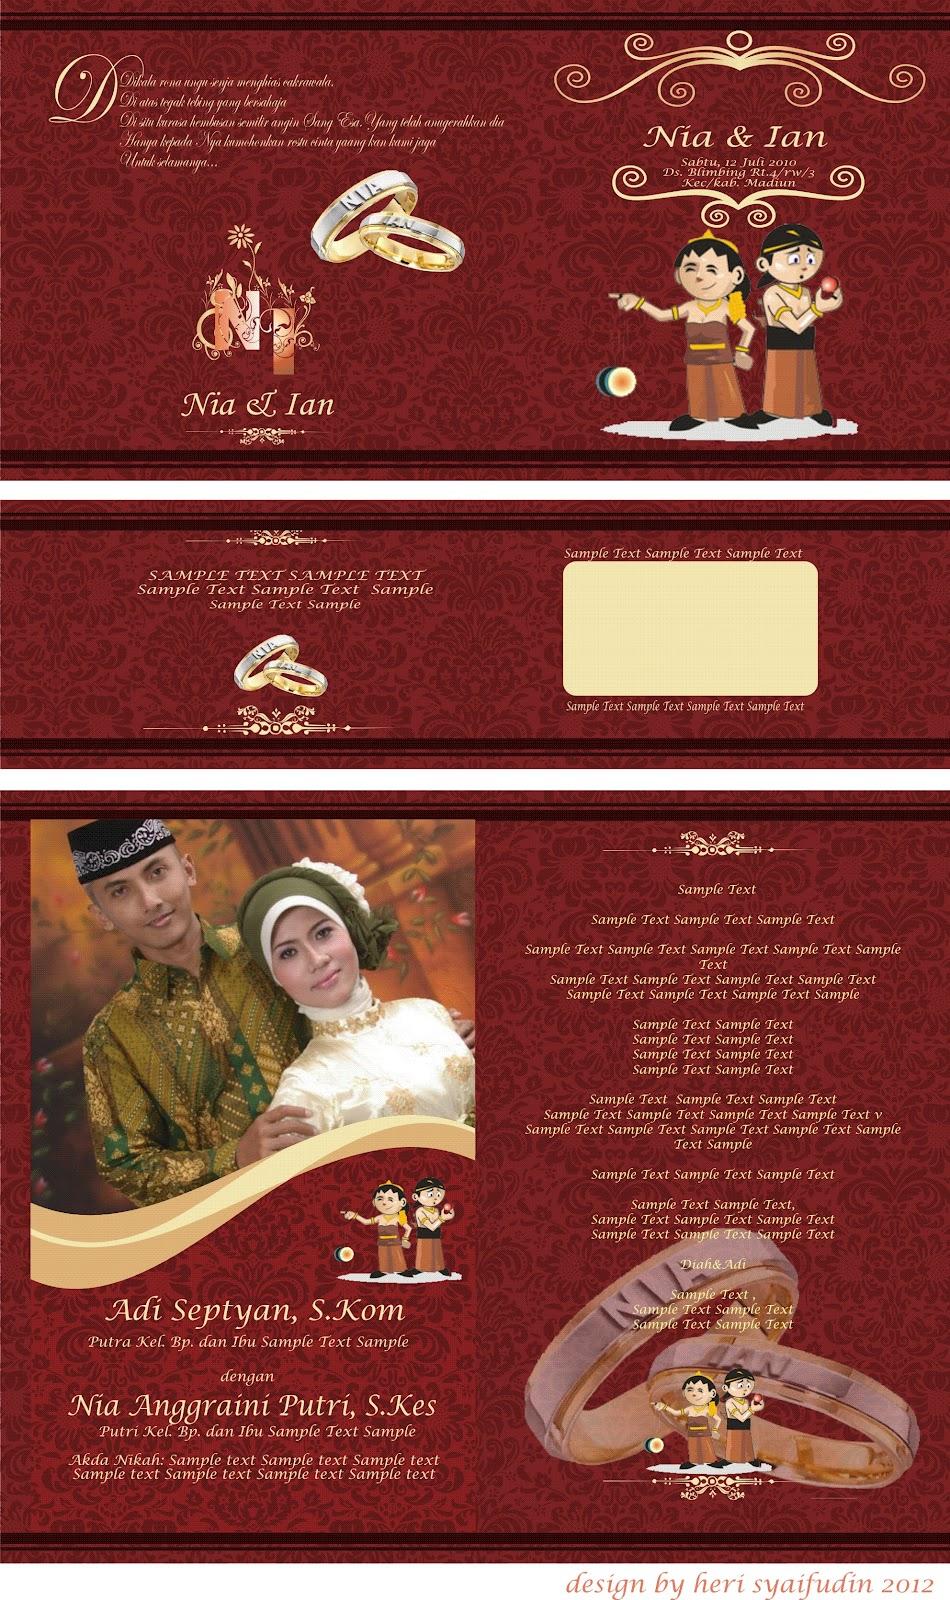 Desain Ulem / Undangan Pernikahan Created Heri Syaifudin SMK Muh 3 Ska